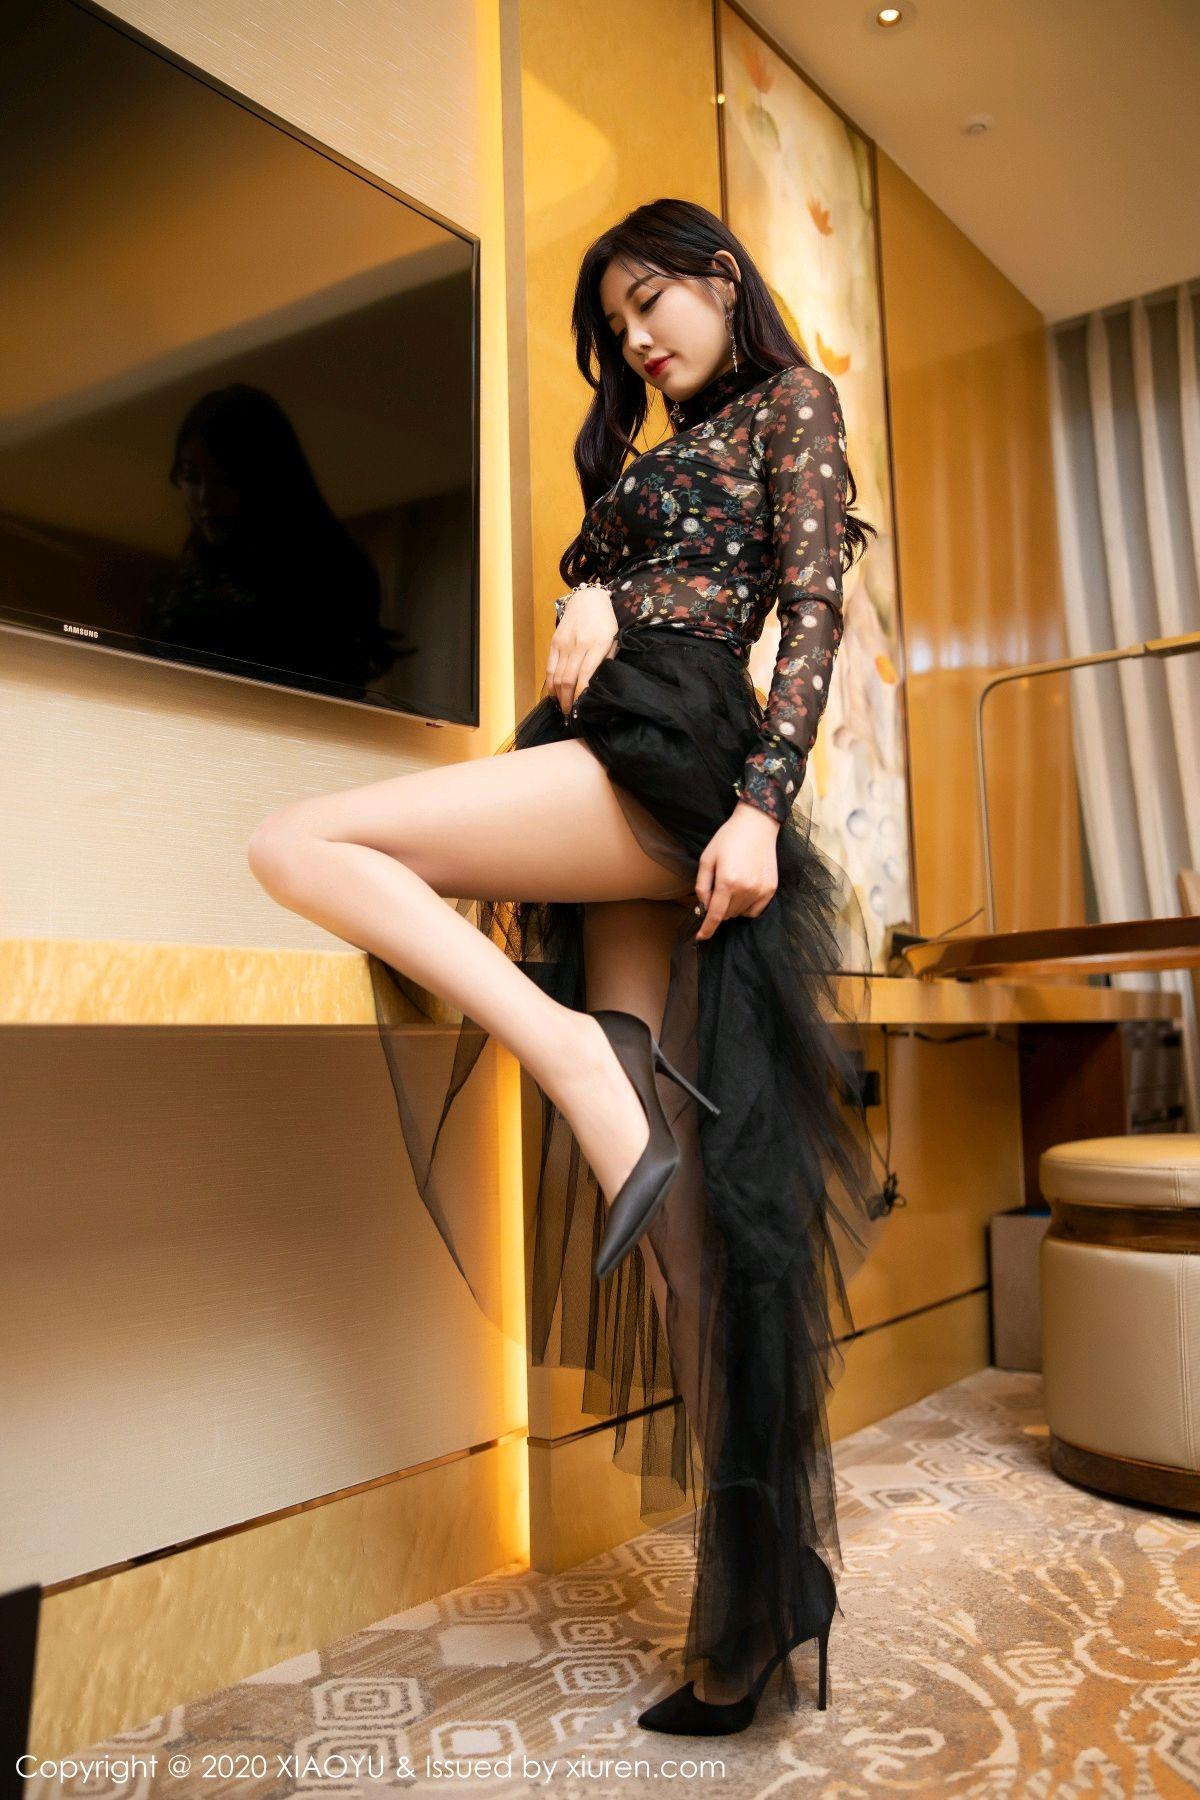 [XiaoYu] Vol.289 Yang Chen Chen 10P, Underwear, XiaoYu, Yang Chen Chen